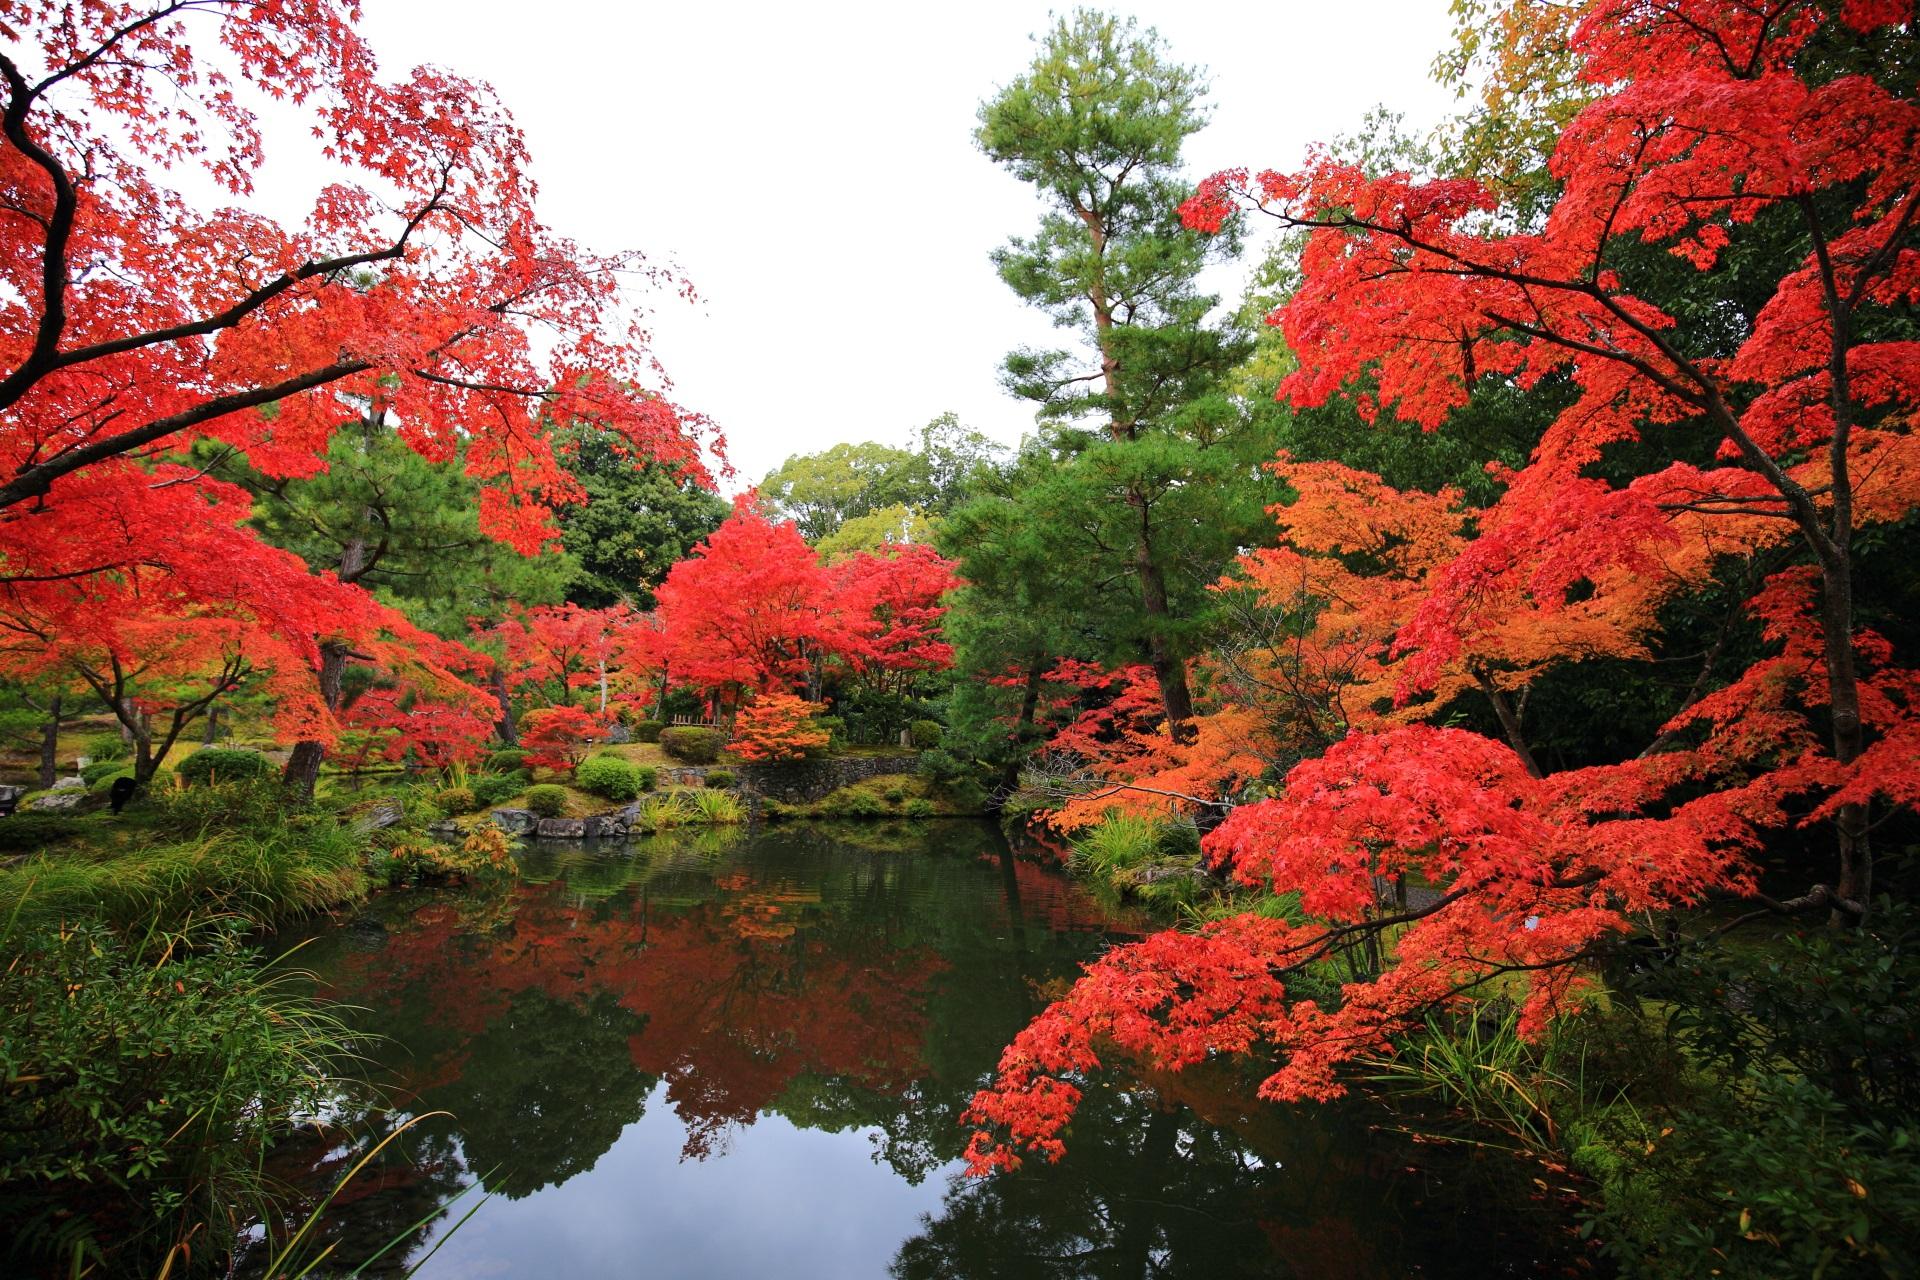 等持院の素晴らしい紅葉や庭園と秋色の情景